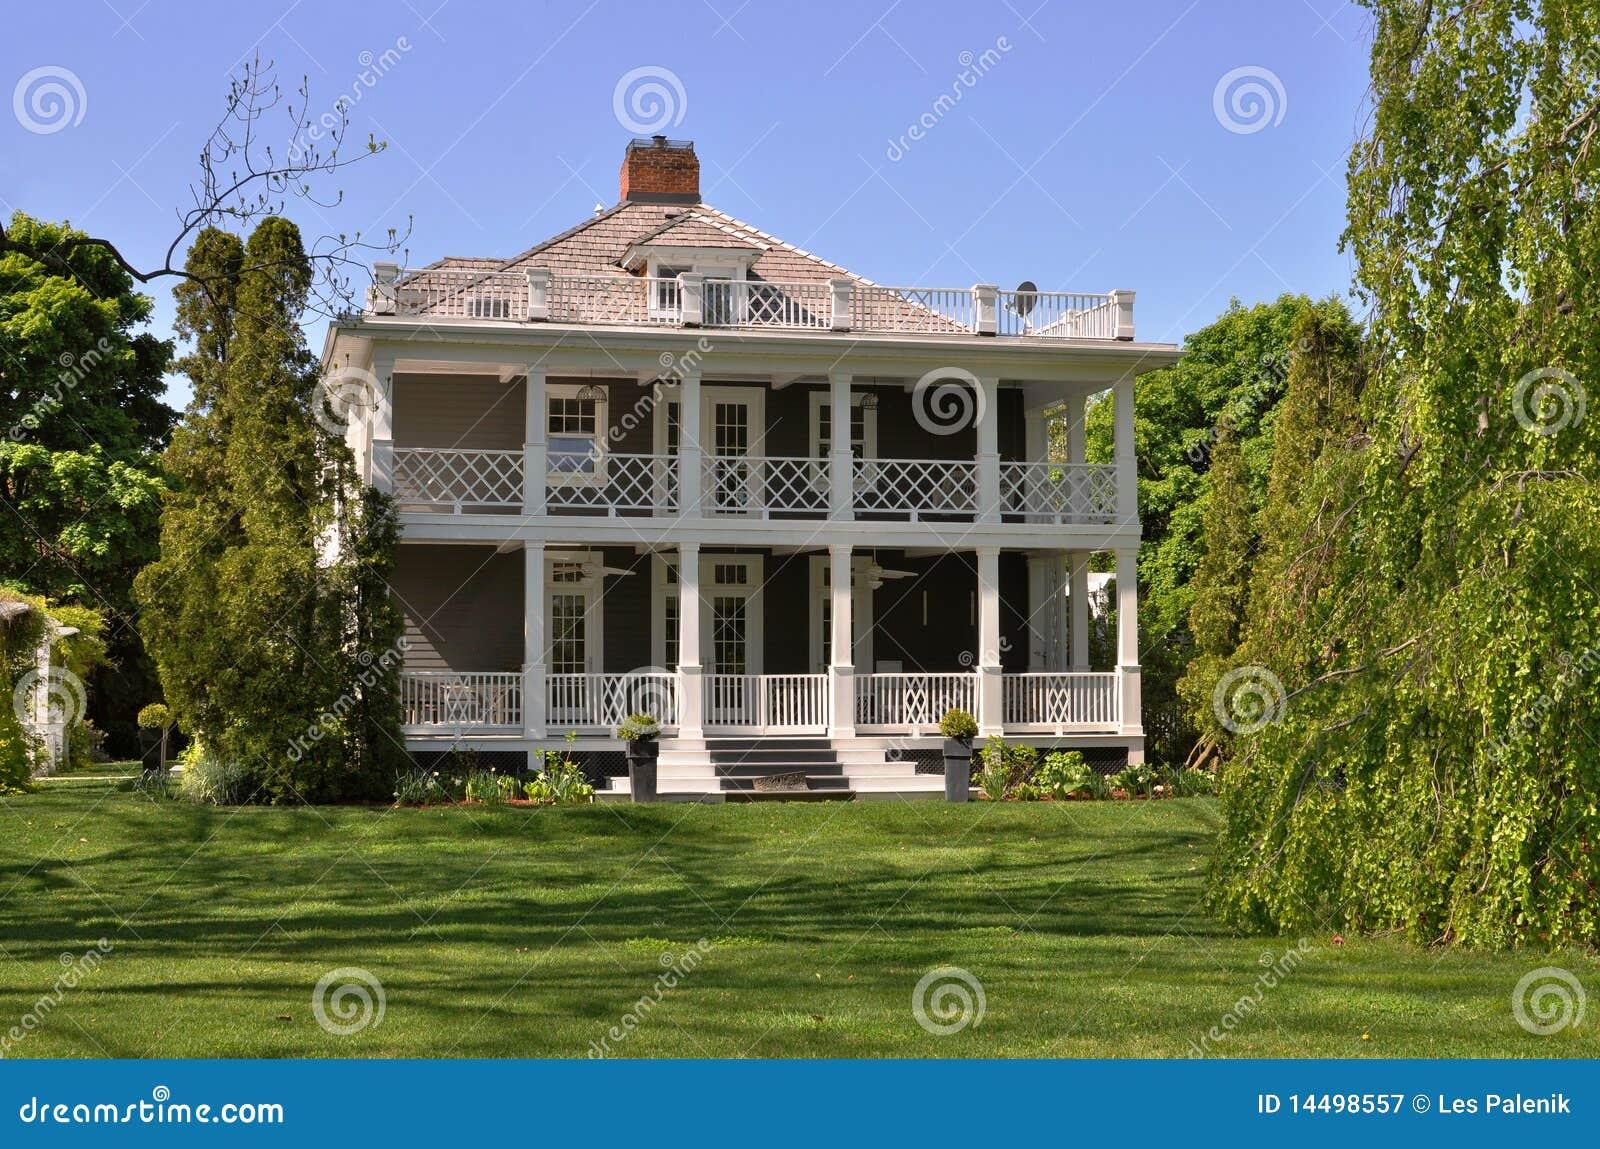 maison d 39 t avec des balcons photographie stock libre de droits image 14498557. Black Bedroom Furniture Sets. Home Design Ideas